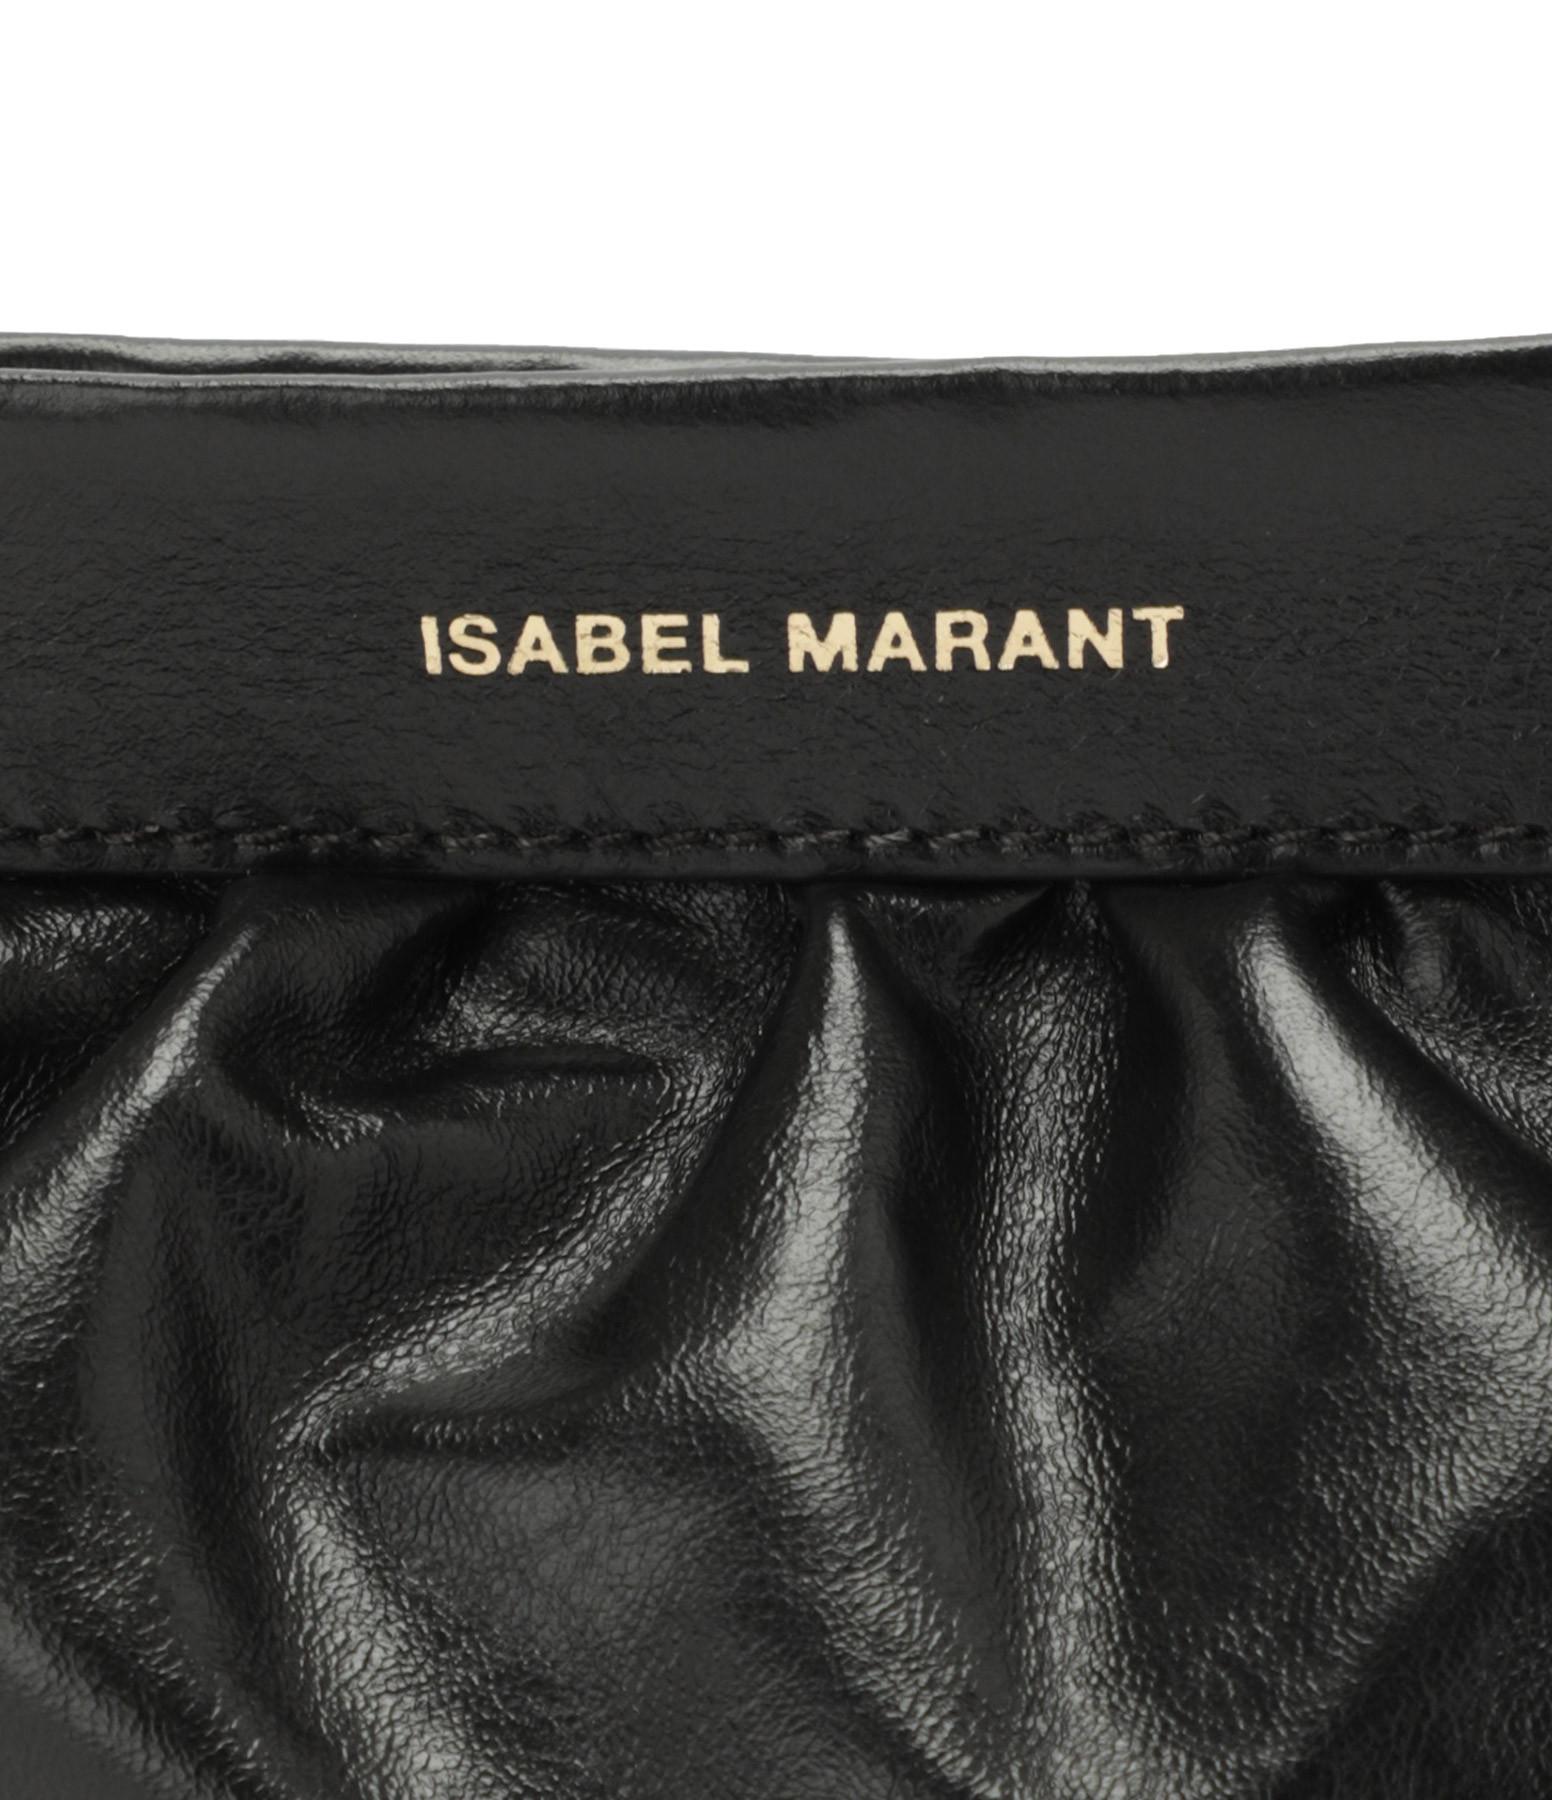 ISABEL MARANT - Pochette Miniluz Noir